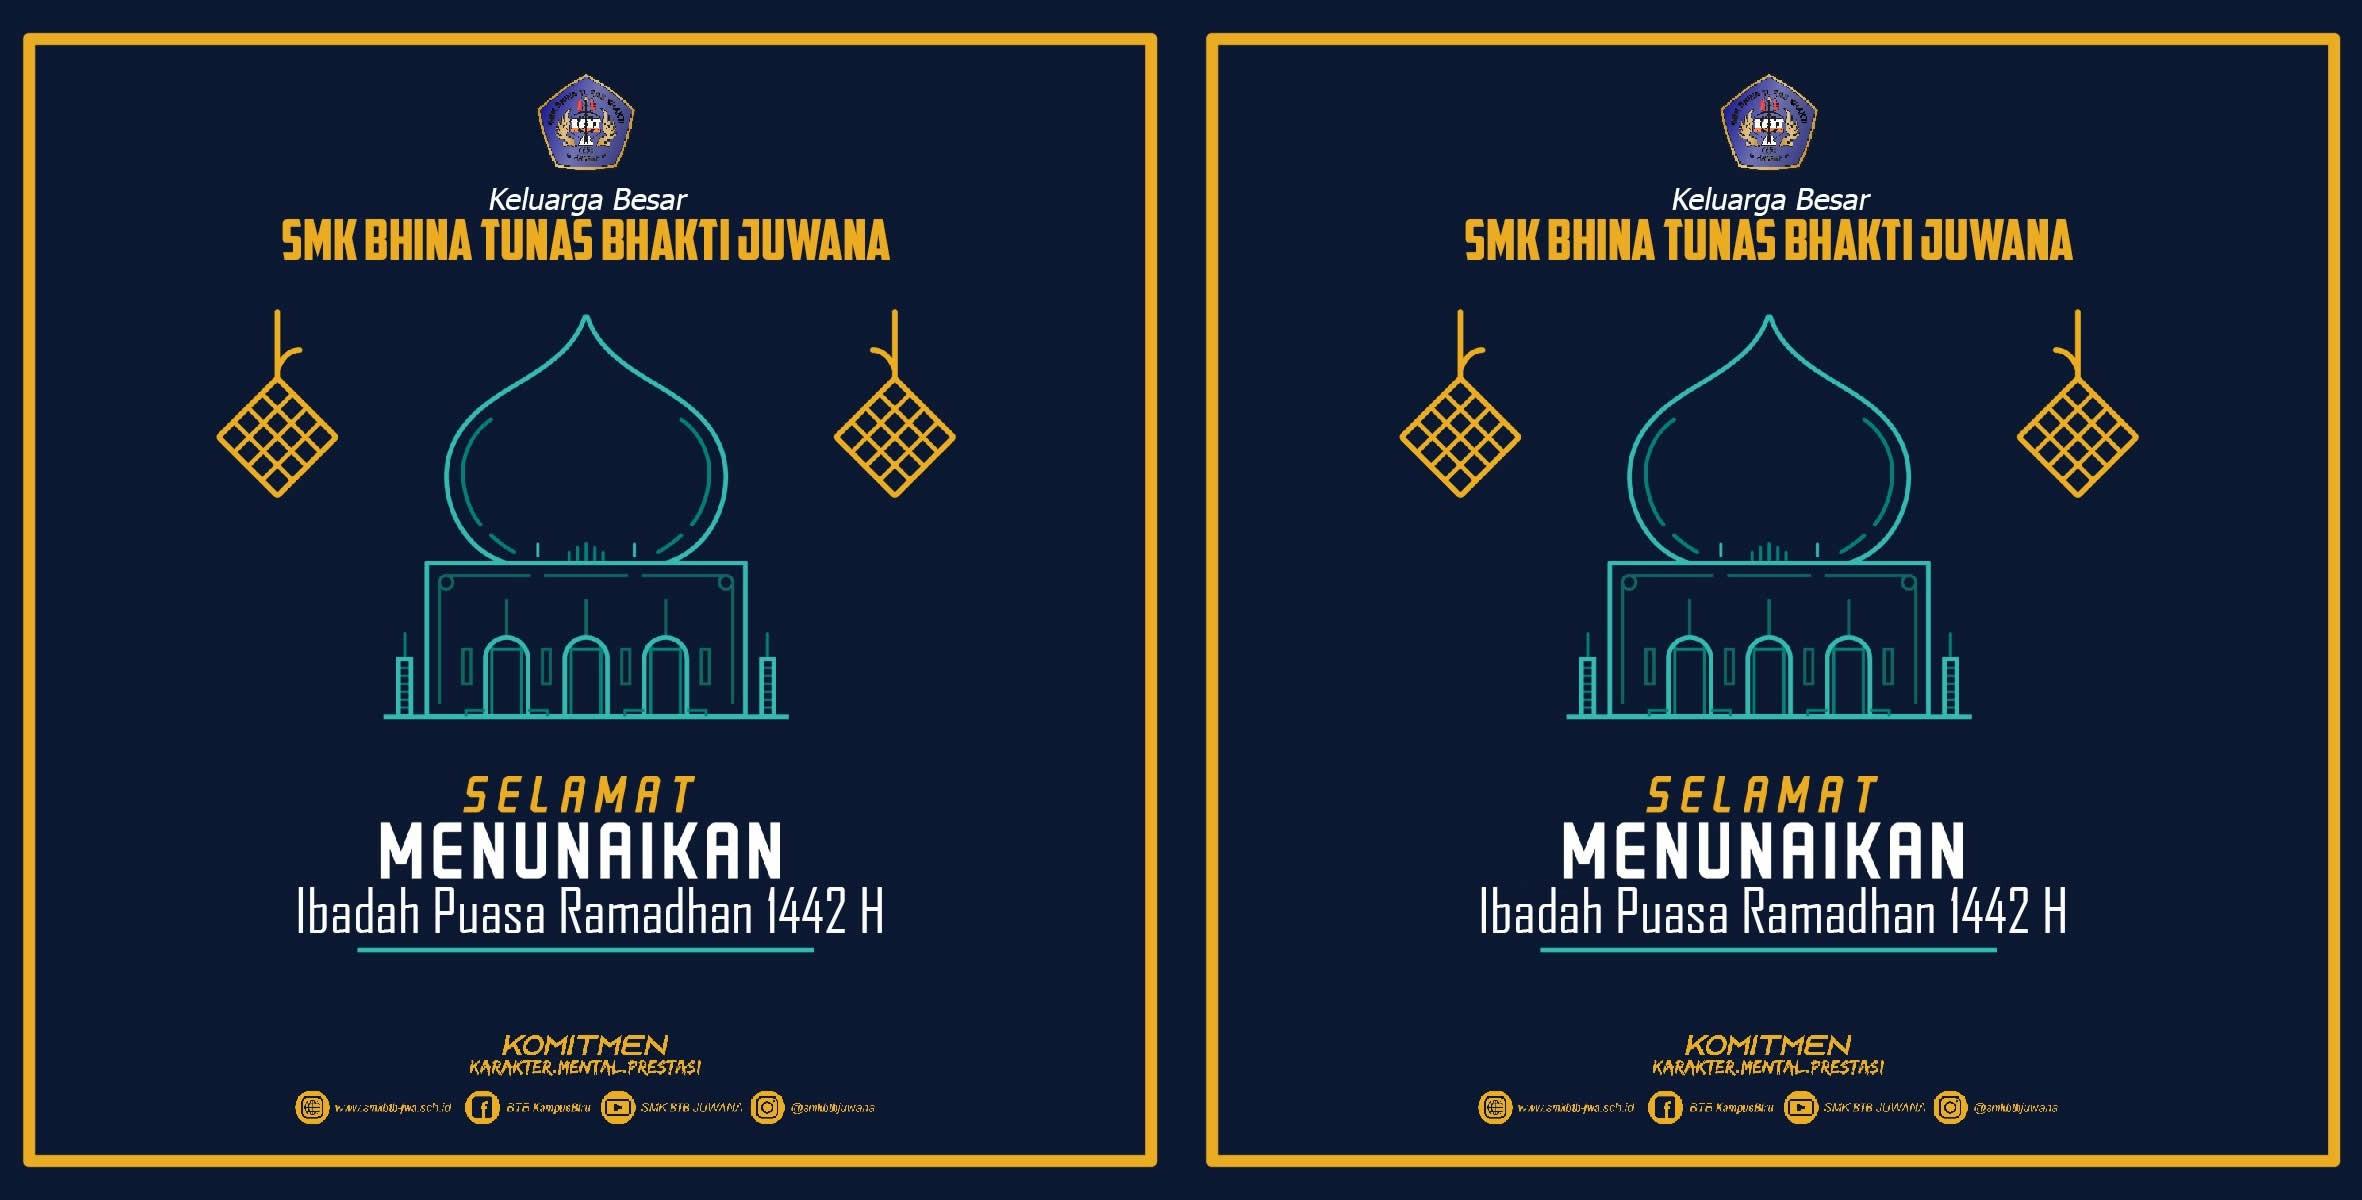 Marhaban ya Ramadhan, Selamat menunaikan Ibadah Puasa 1442 H